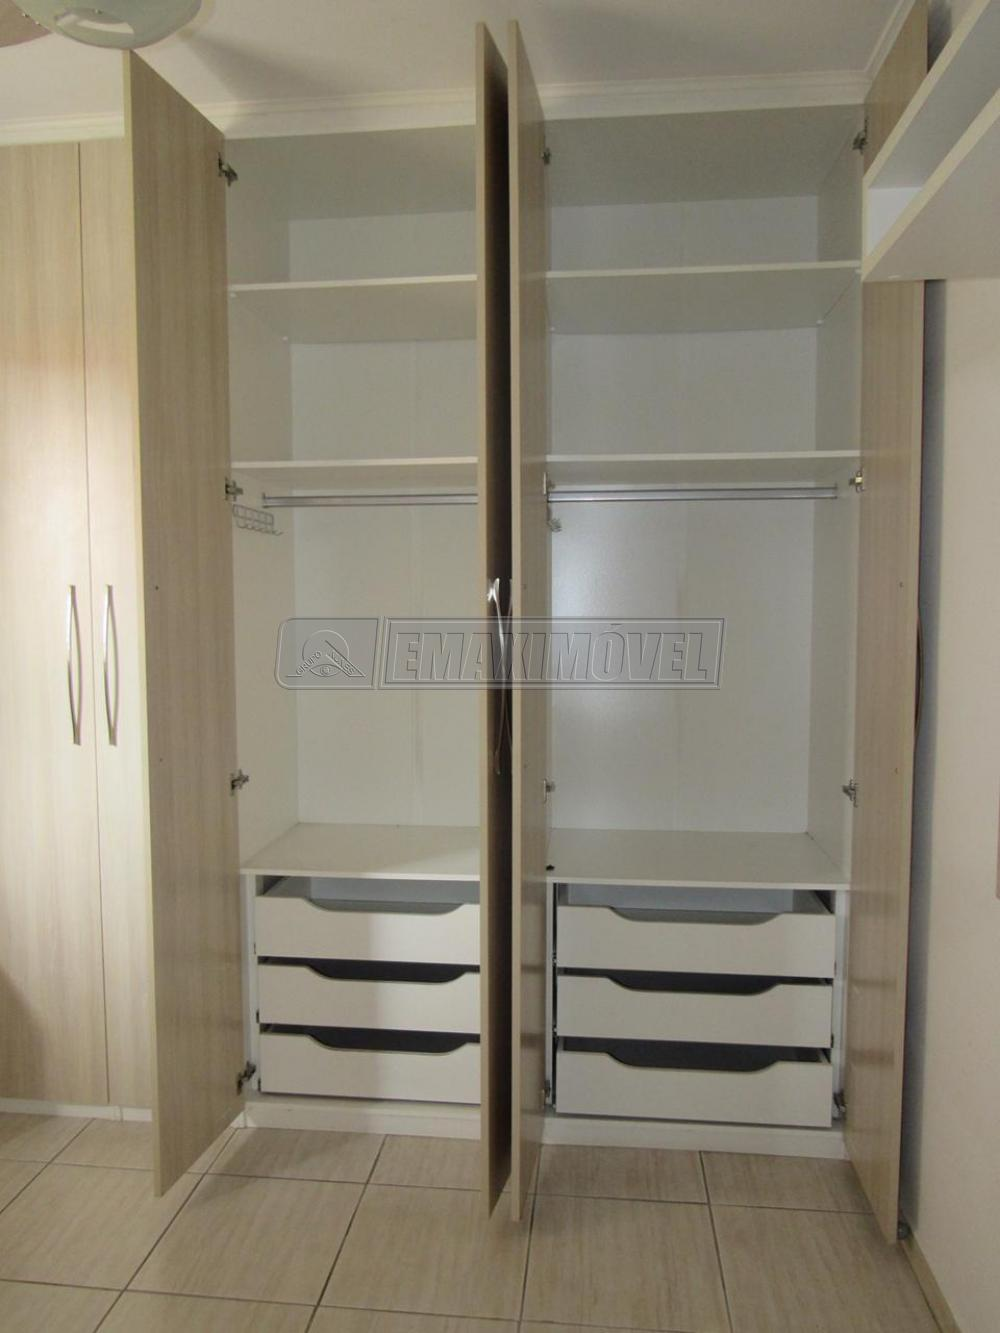 Comprar Apartamento / Padrão em Sorocaba R$ 255.000,00 - Foto 8